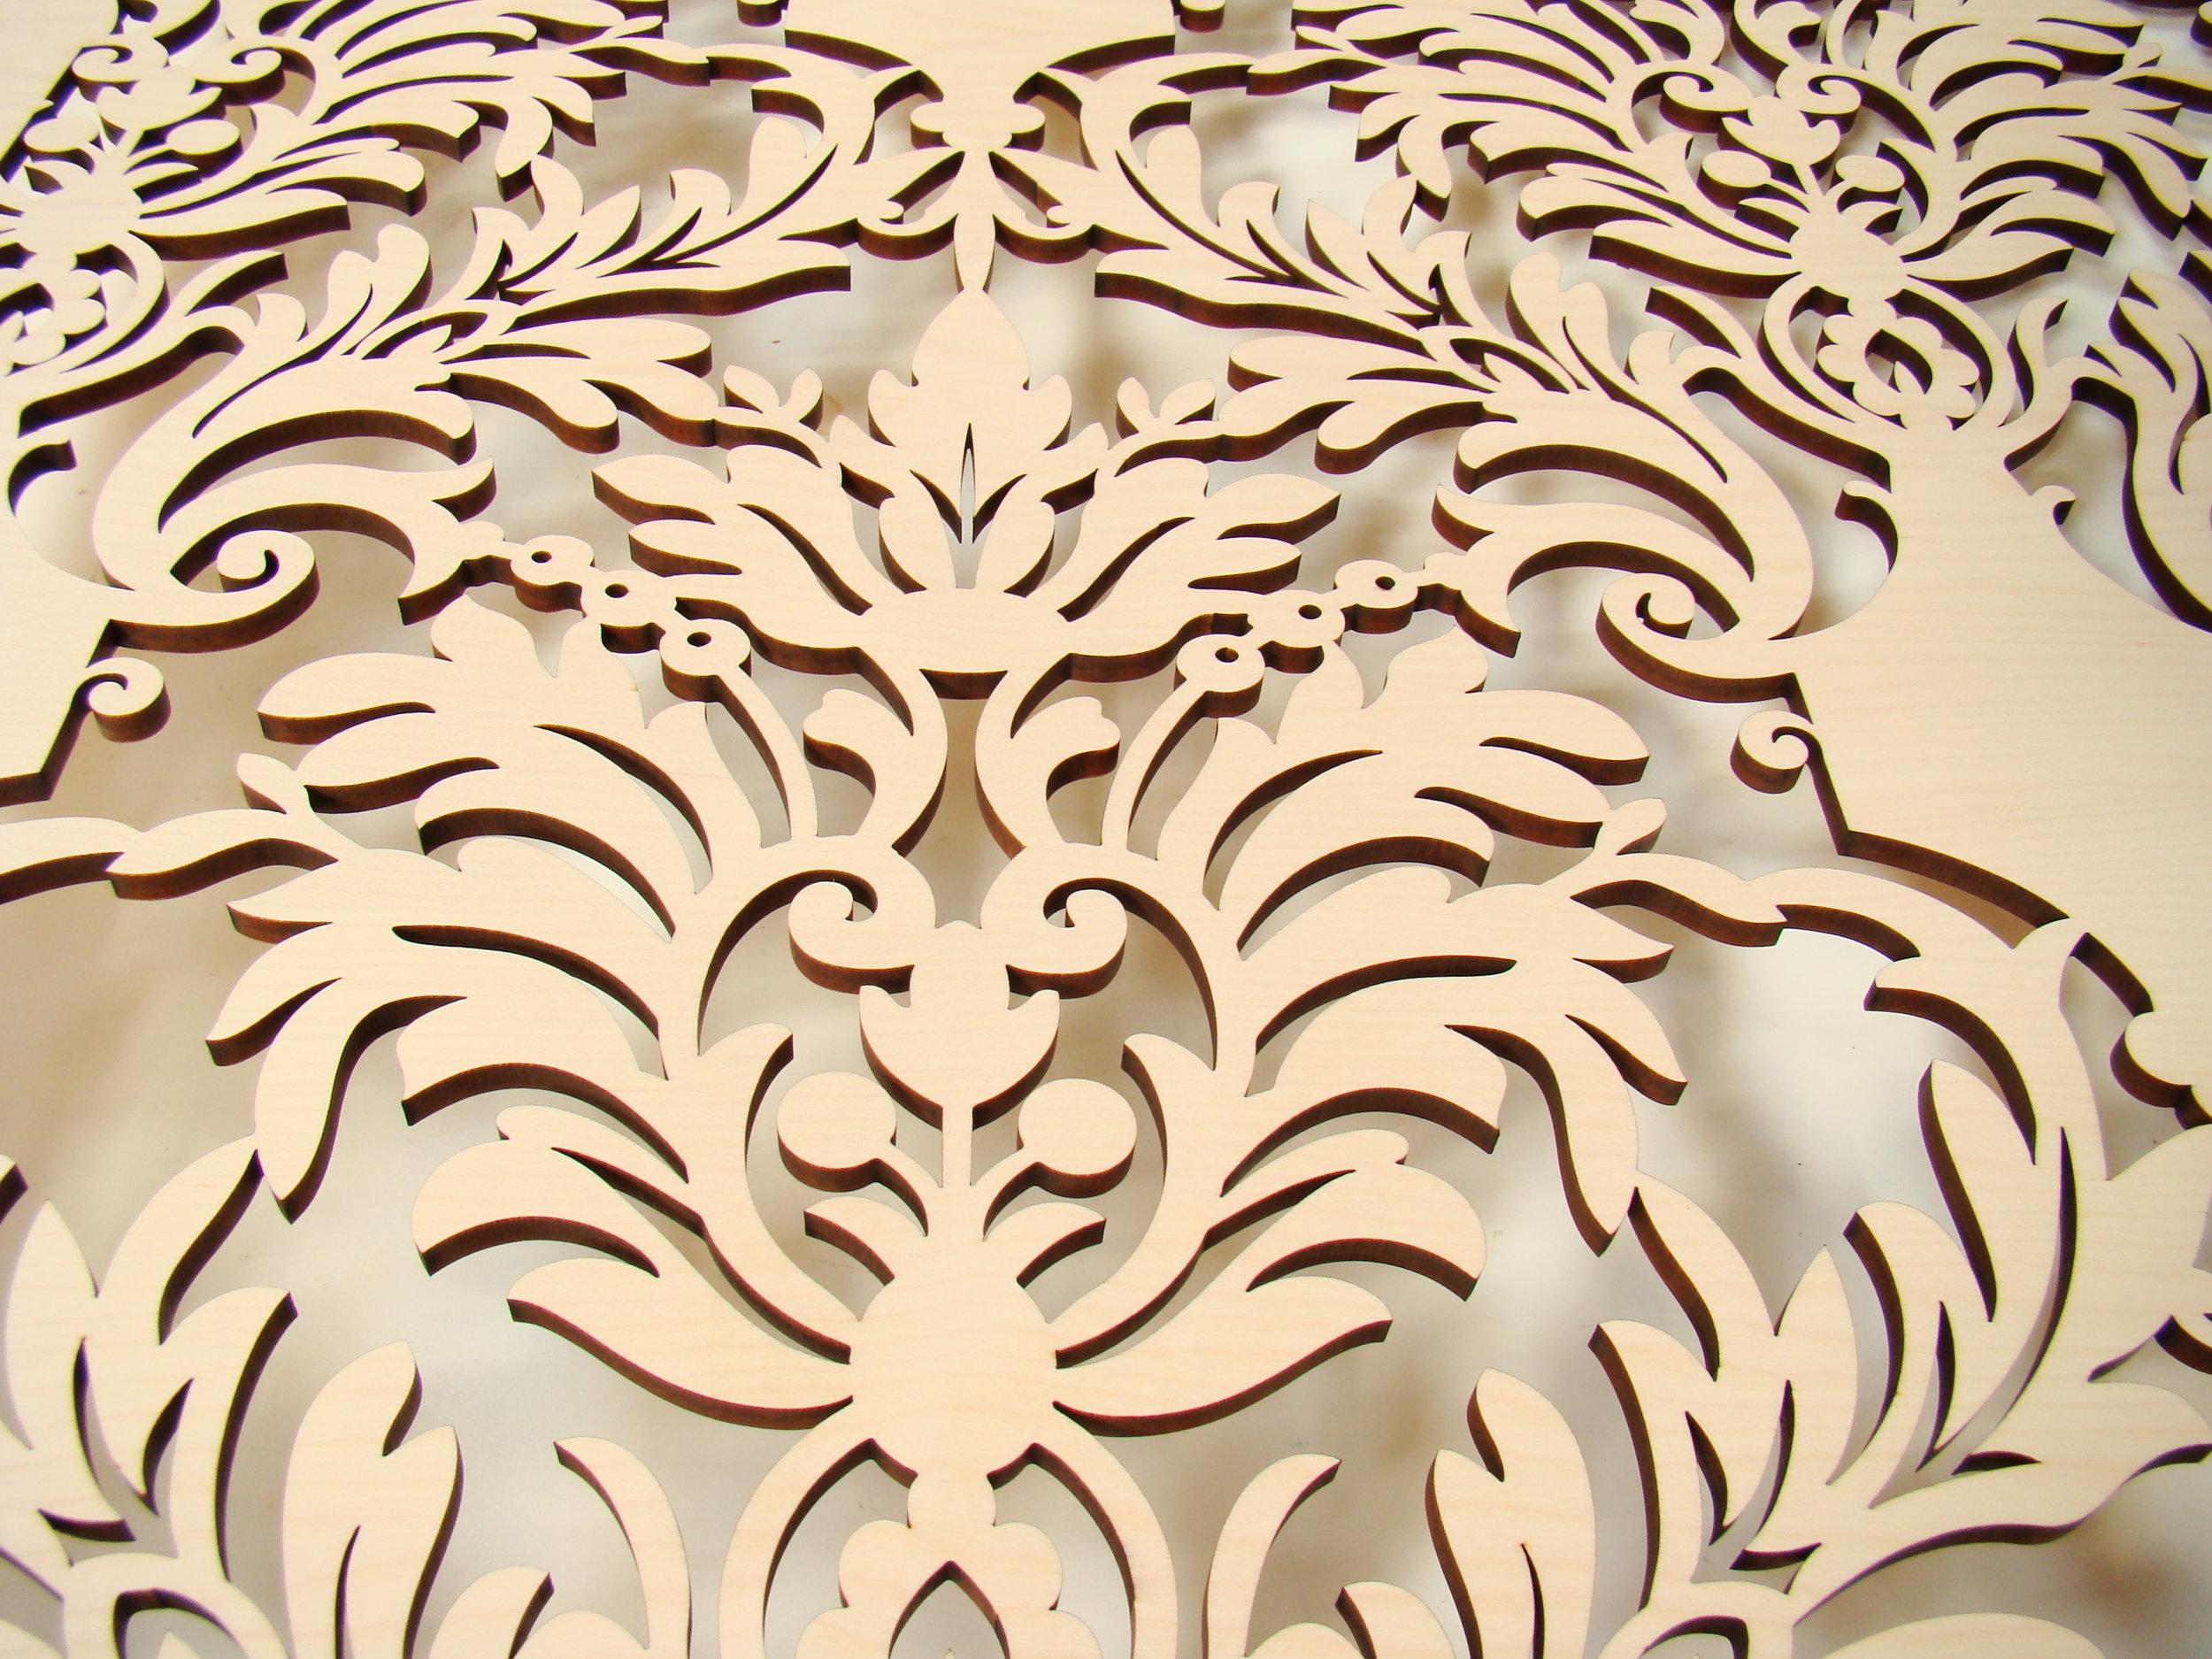 Damask pattern detail